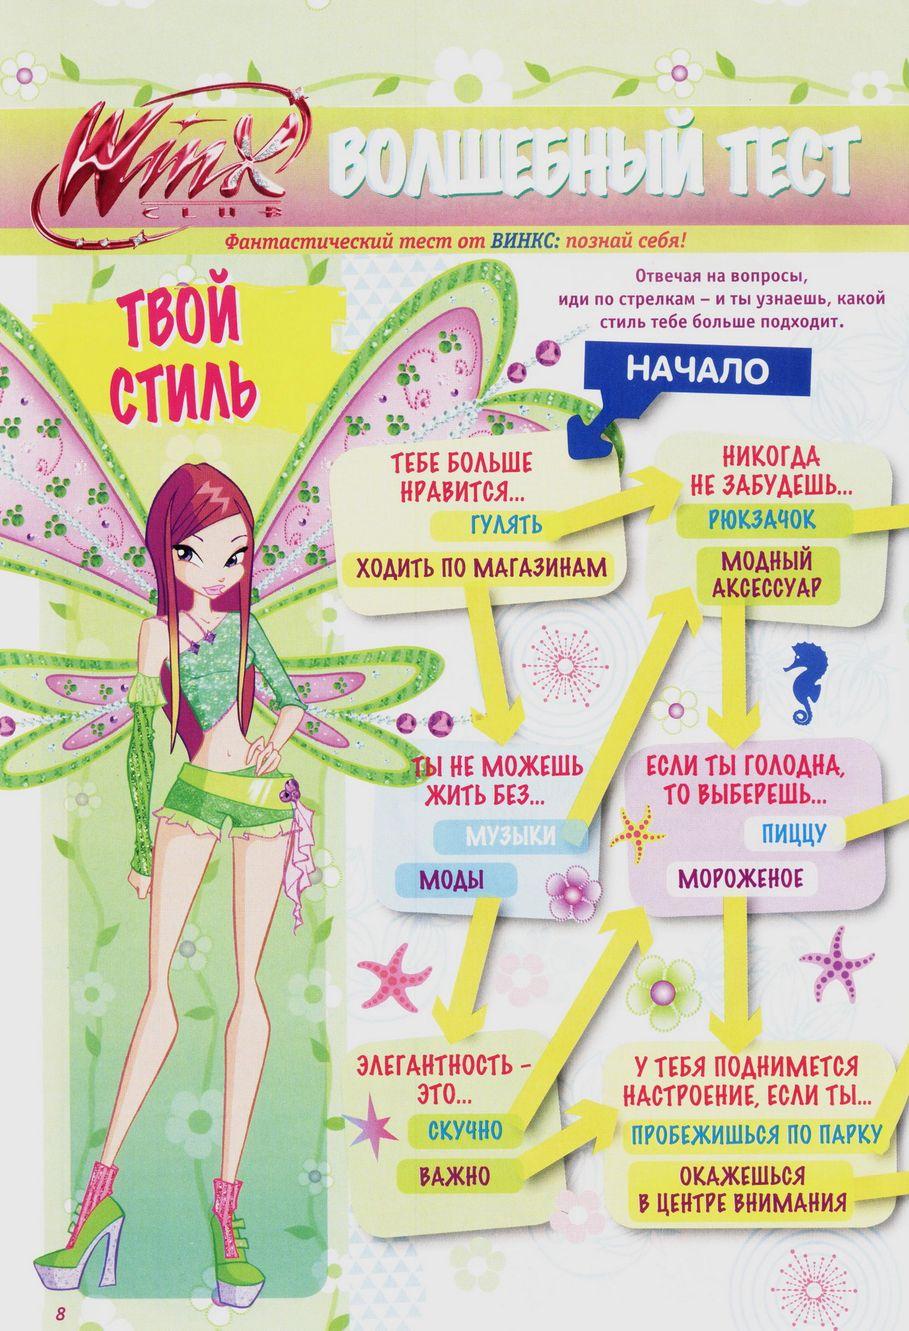 Комикс Винкс Winx - Надежда и разочарование (Журнал Винкс №5 2011) - стр. 8